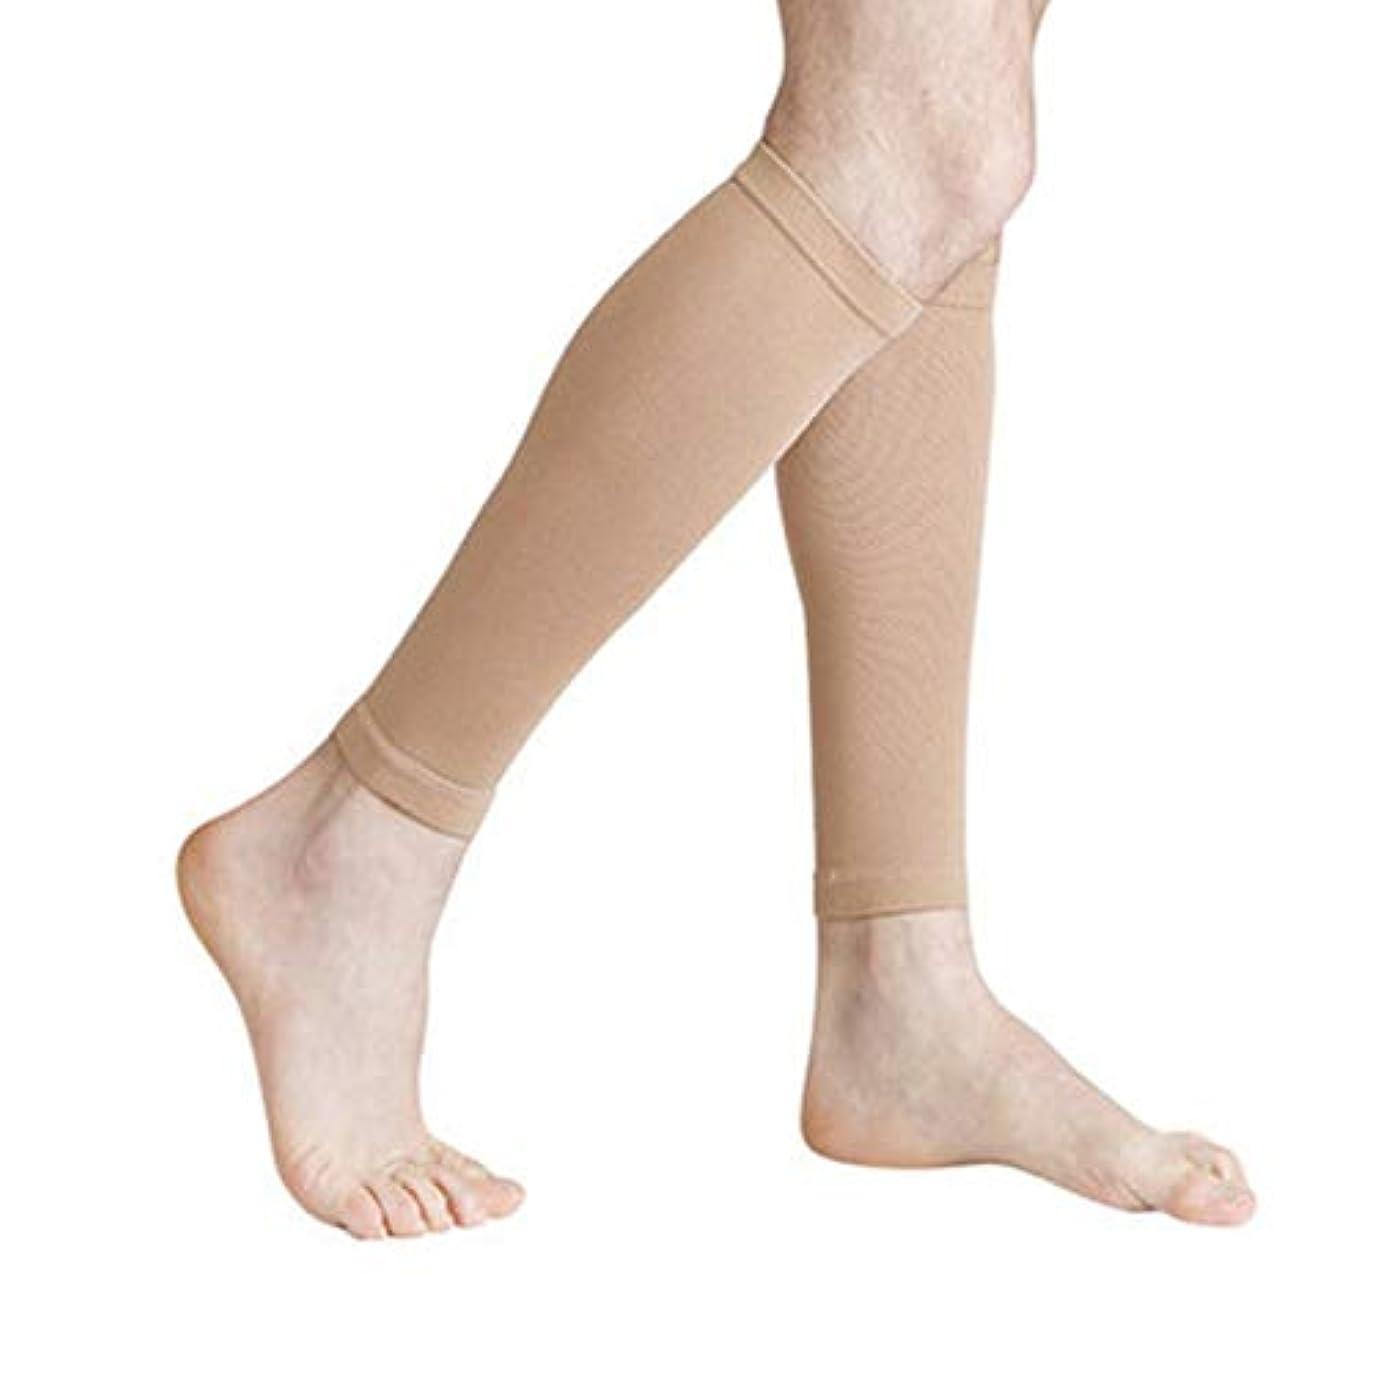 下手高揚したルネッサンス丈夫な男性女性プロの圧縮靴下通気性のある旅行活動看護師用シンススプリントフライトトラベル - ブラック